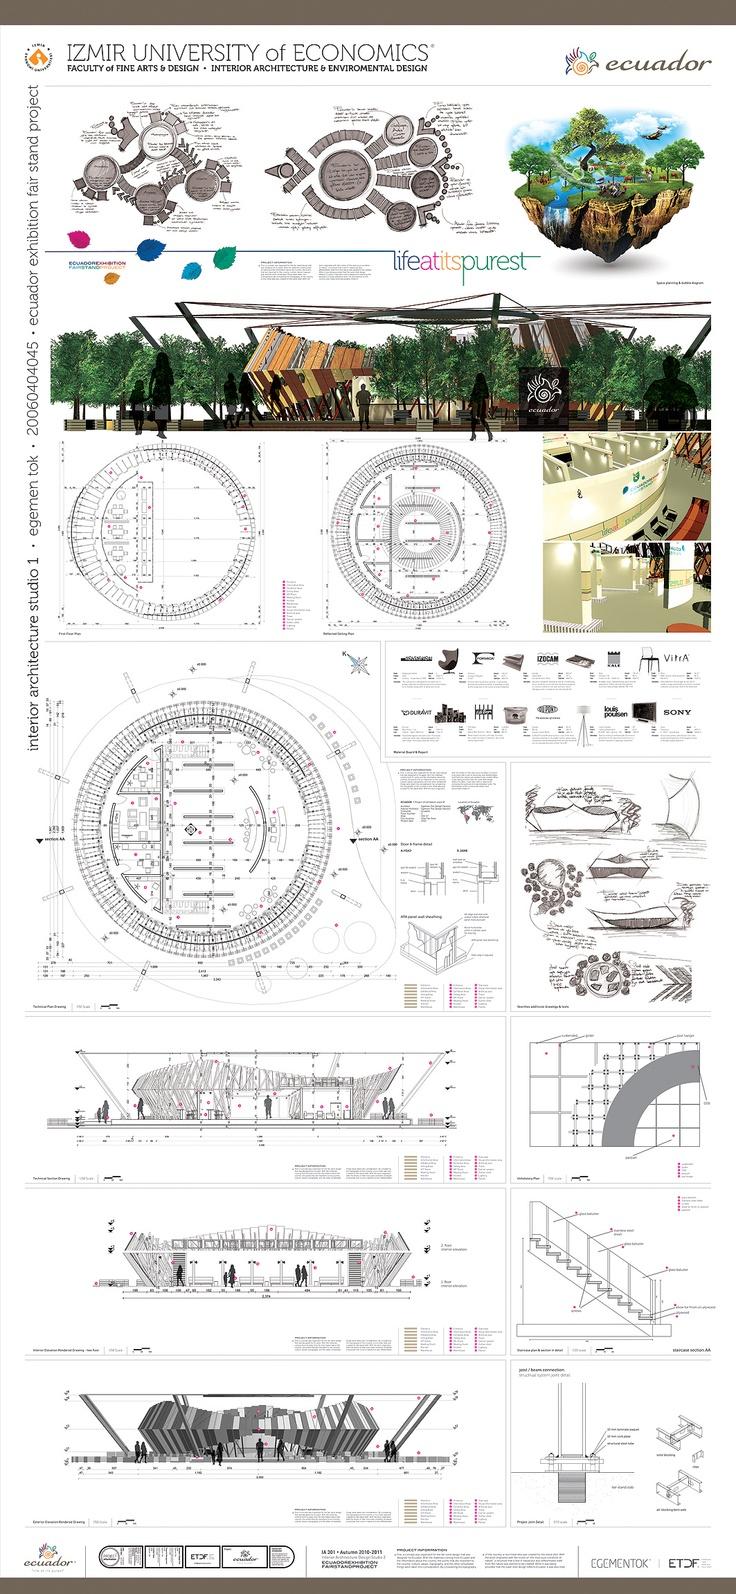 ecuador kurumsal stand projesi yapılan sunum pafta tasarımı.